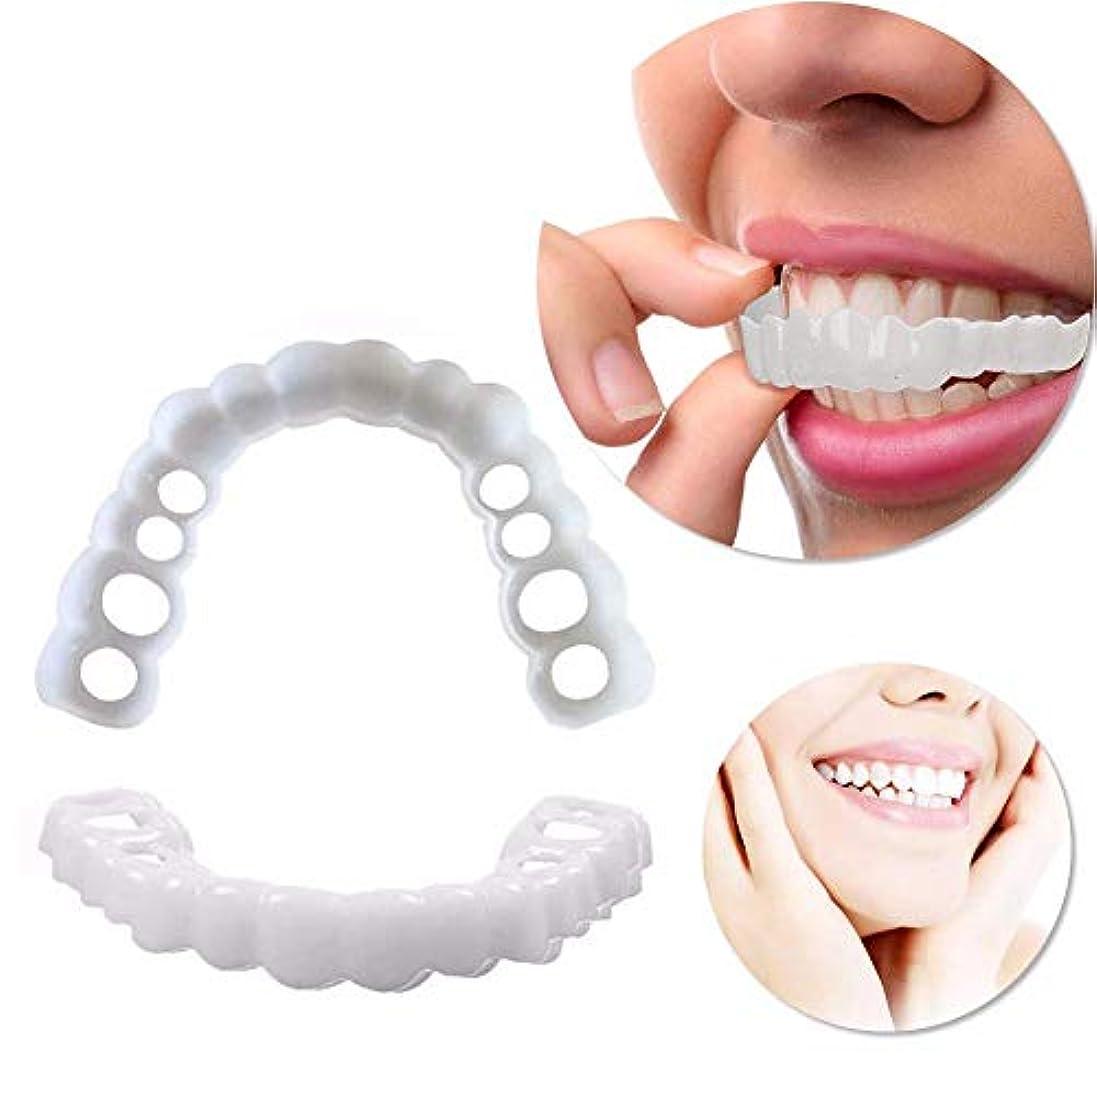 人柄写真を撮る礼拝義歯安全インスタントスマイル化粧品ノベルティ歯 - ワンサイズが一番フィット,7Pairs